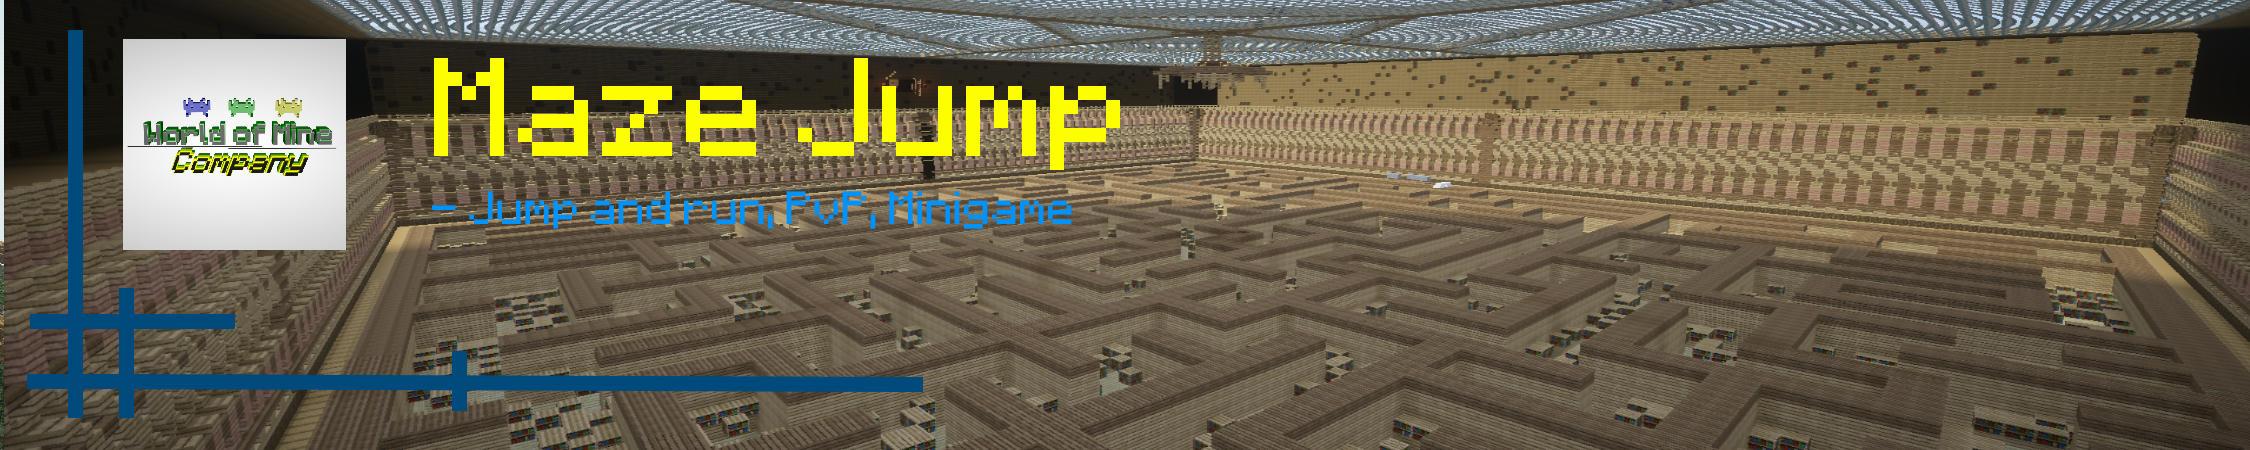 Maze Jump